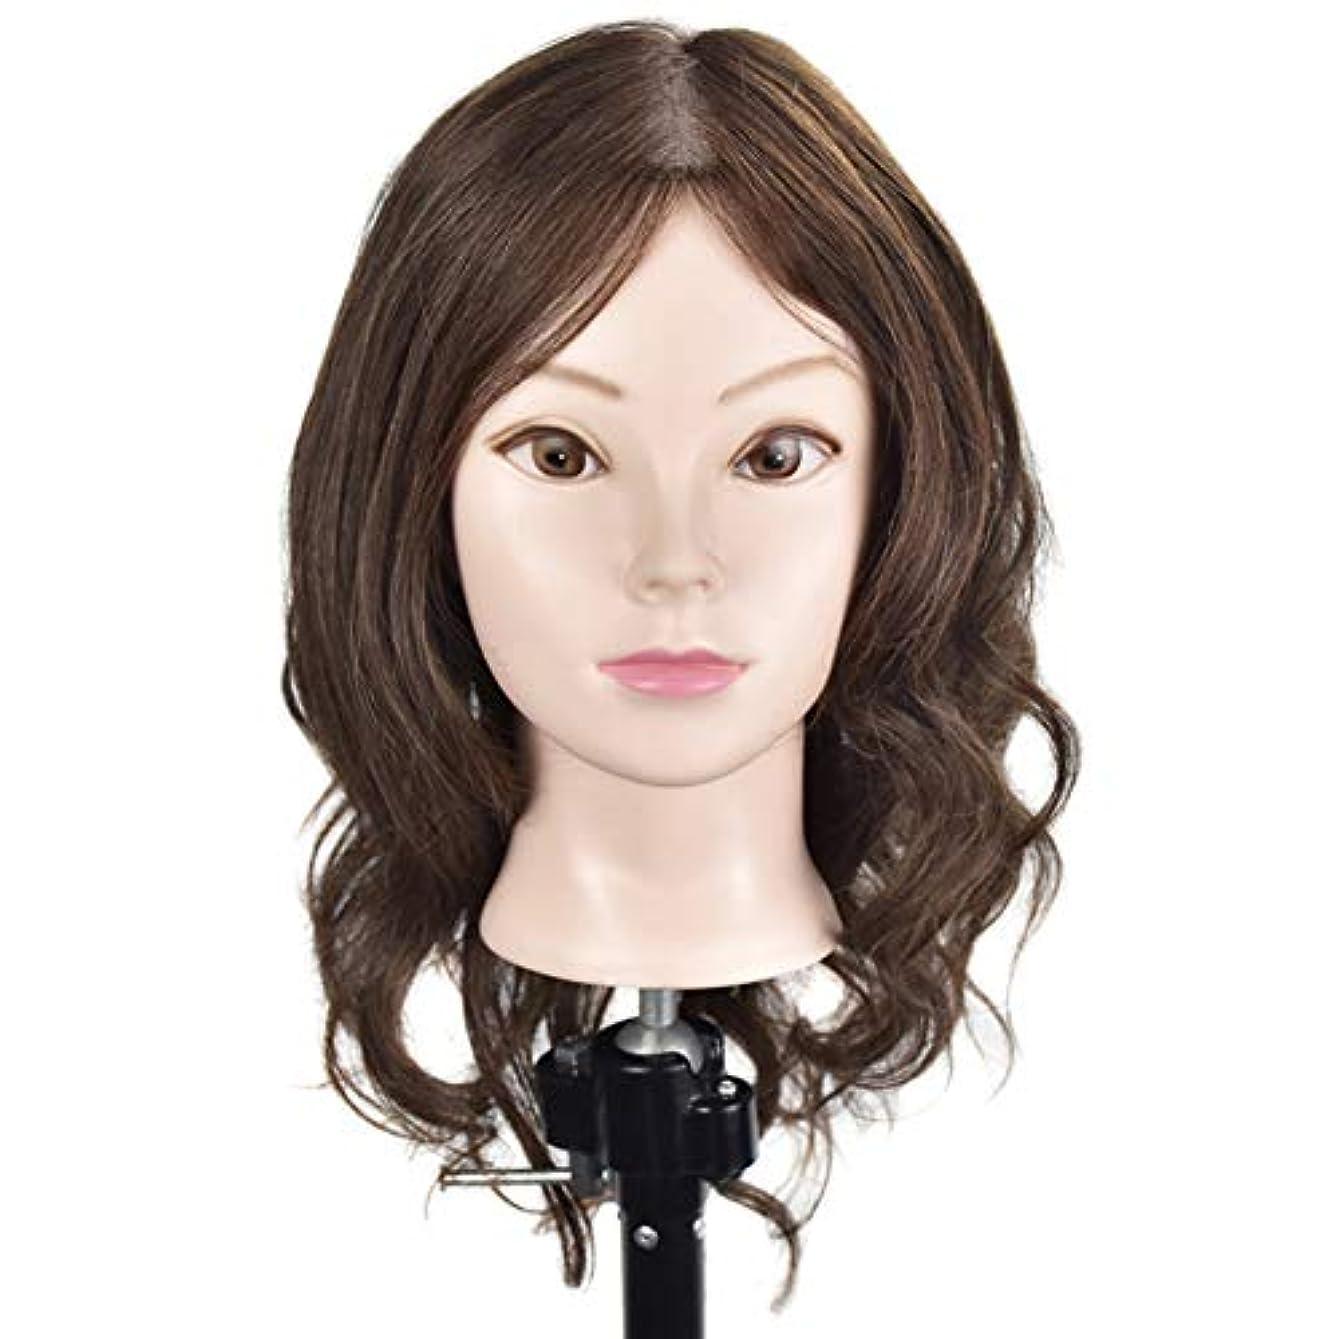 宿泊乱用娯楽専門の練習ホット染色漂白はさみモデリングマネキン髪編組髪かつら女性モデルティーチングヘッド